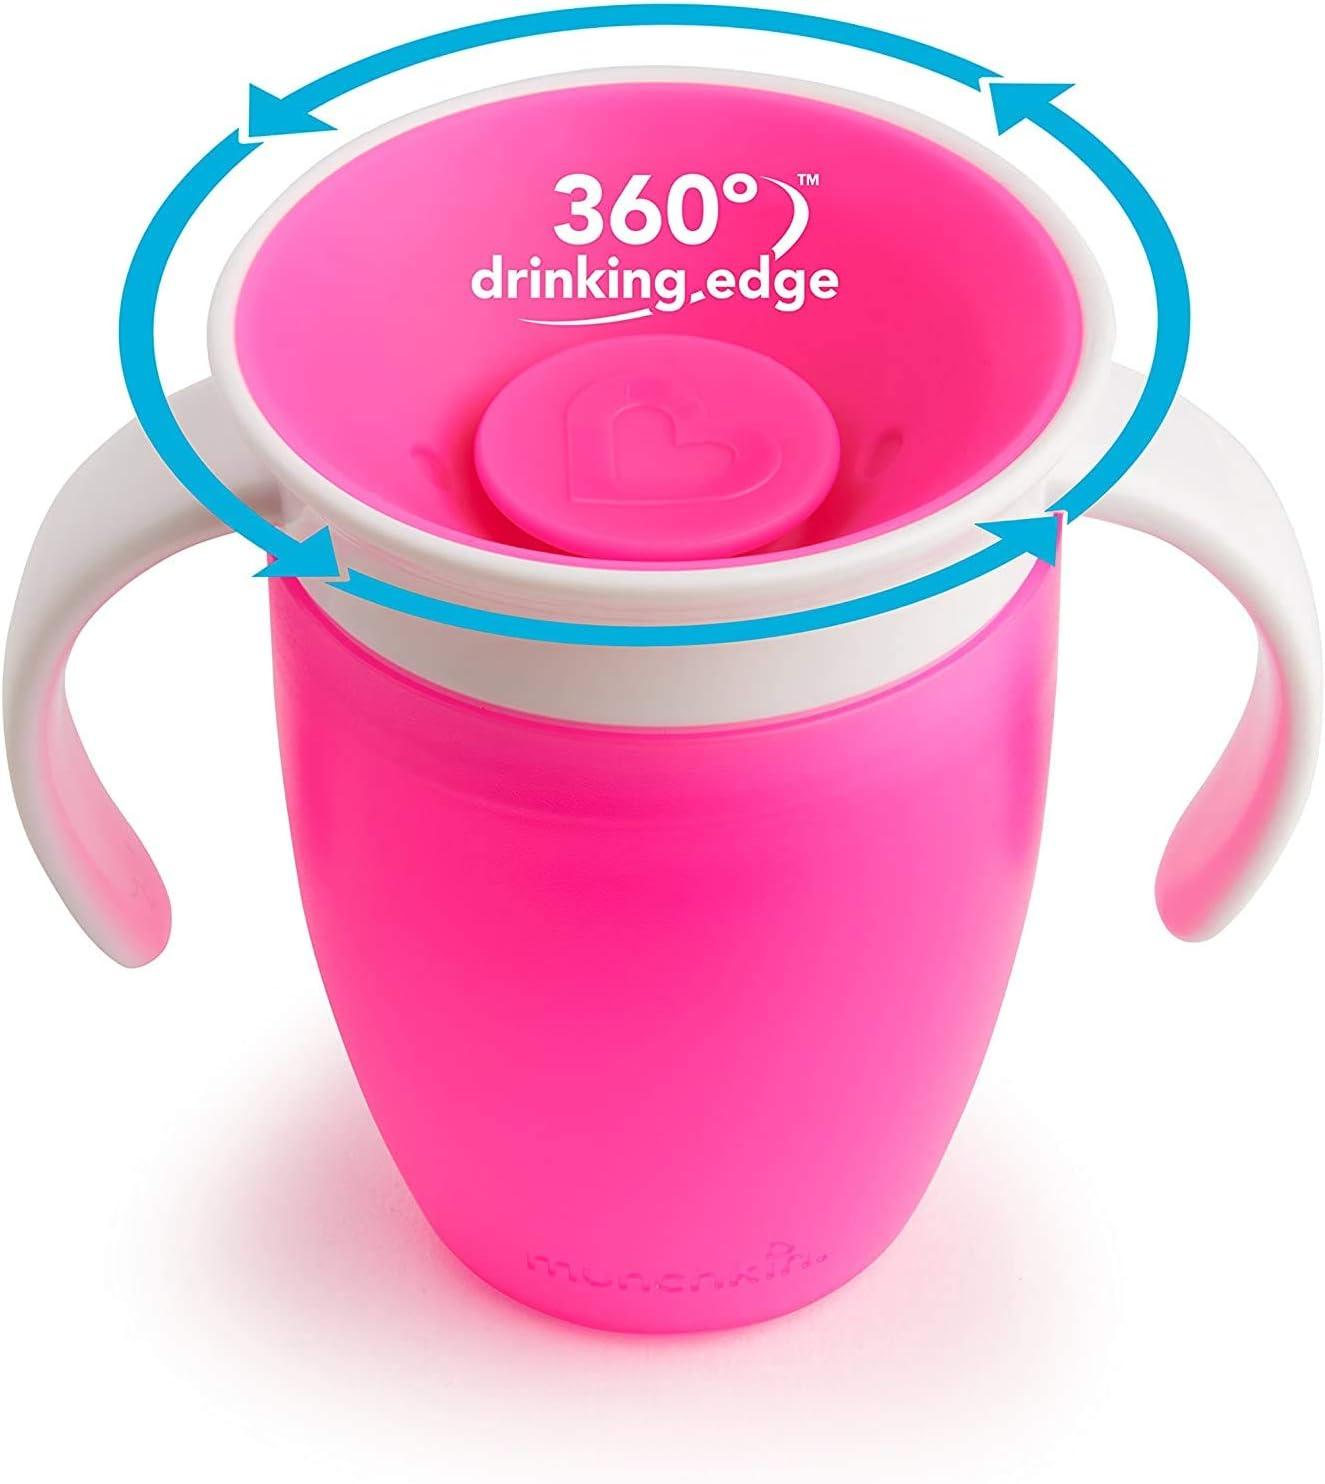 Taza de aprendizaje,Antigoteo Especial para beb/és. Taza giratoria de aprendizaje para beb/é de 360 grados con tapa abatible de doble ASA,a prueba de fugas,Taza de Beb/é Antiderrames Verde